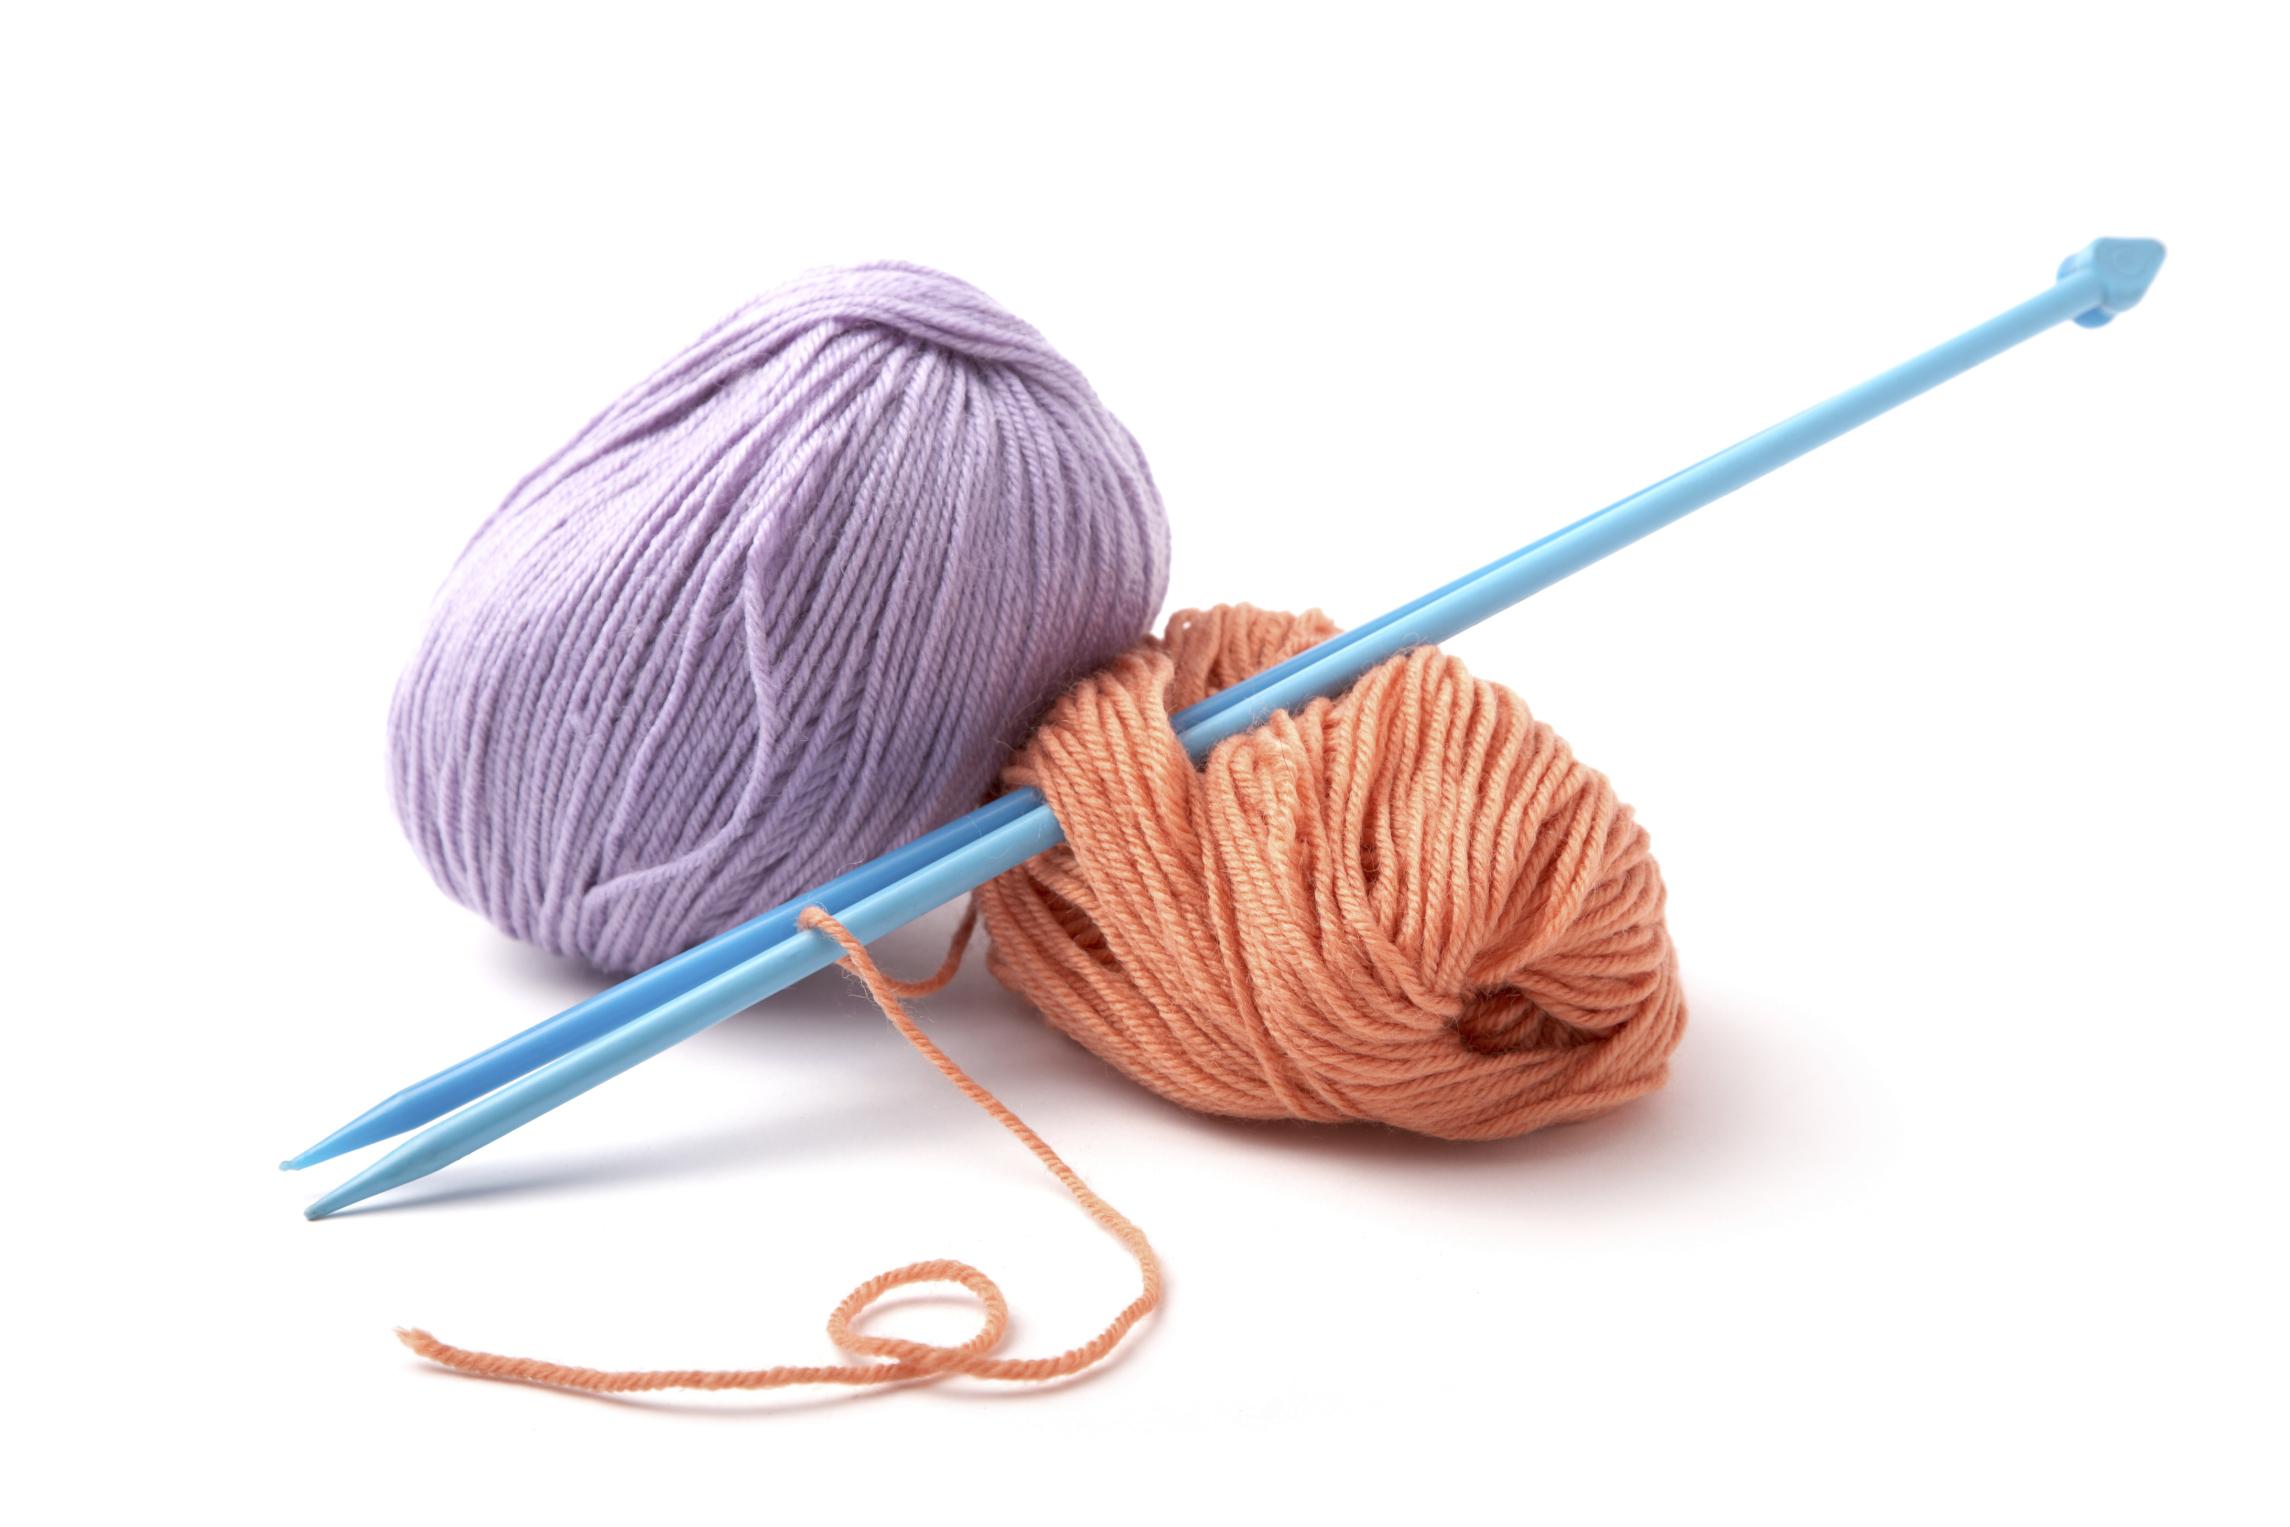 Como aprender a tejer con dos agujas en pocos pasos - Bolsa para guardar agujas de tejer ...